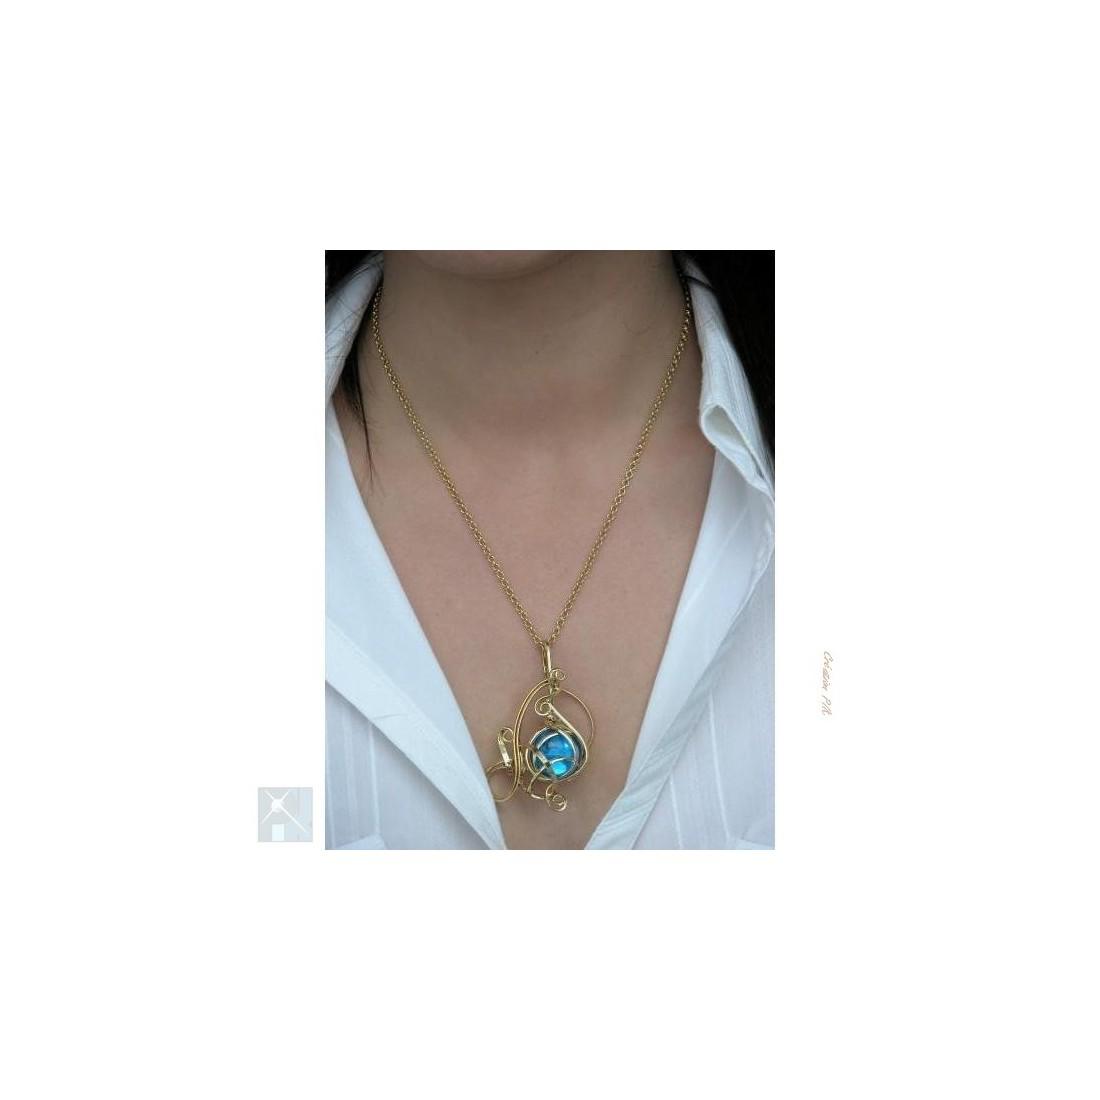 Très joli pendentif doré bleu clair